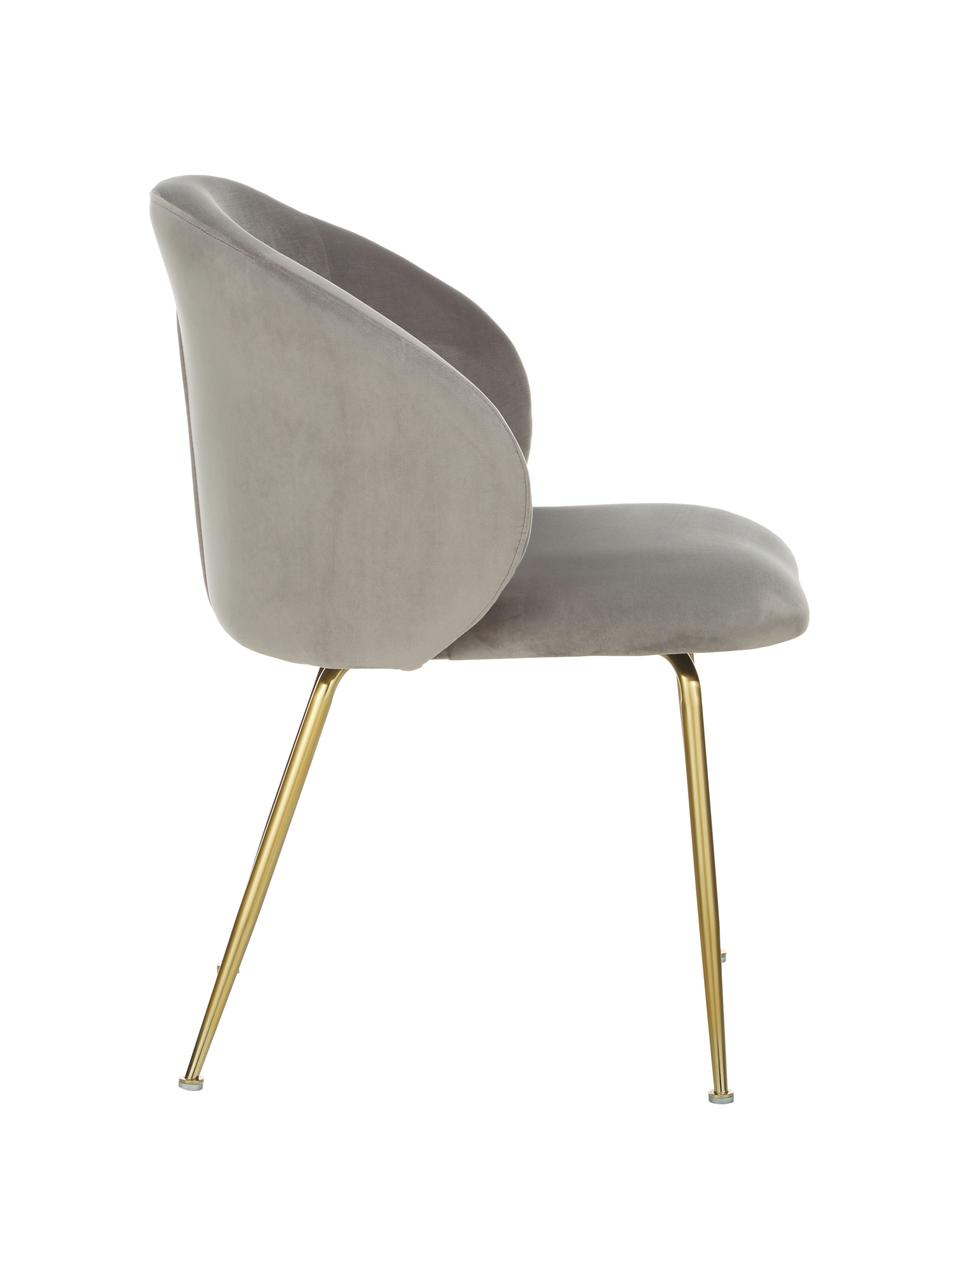 Krzesło tapicerowane z aksamitu Luisa, 2 szt., Nogi: metal lakierowany, Aksamitny jasny szary, złoty, S 59 x G 58 cm